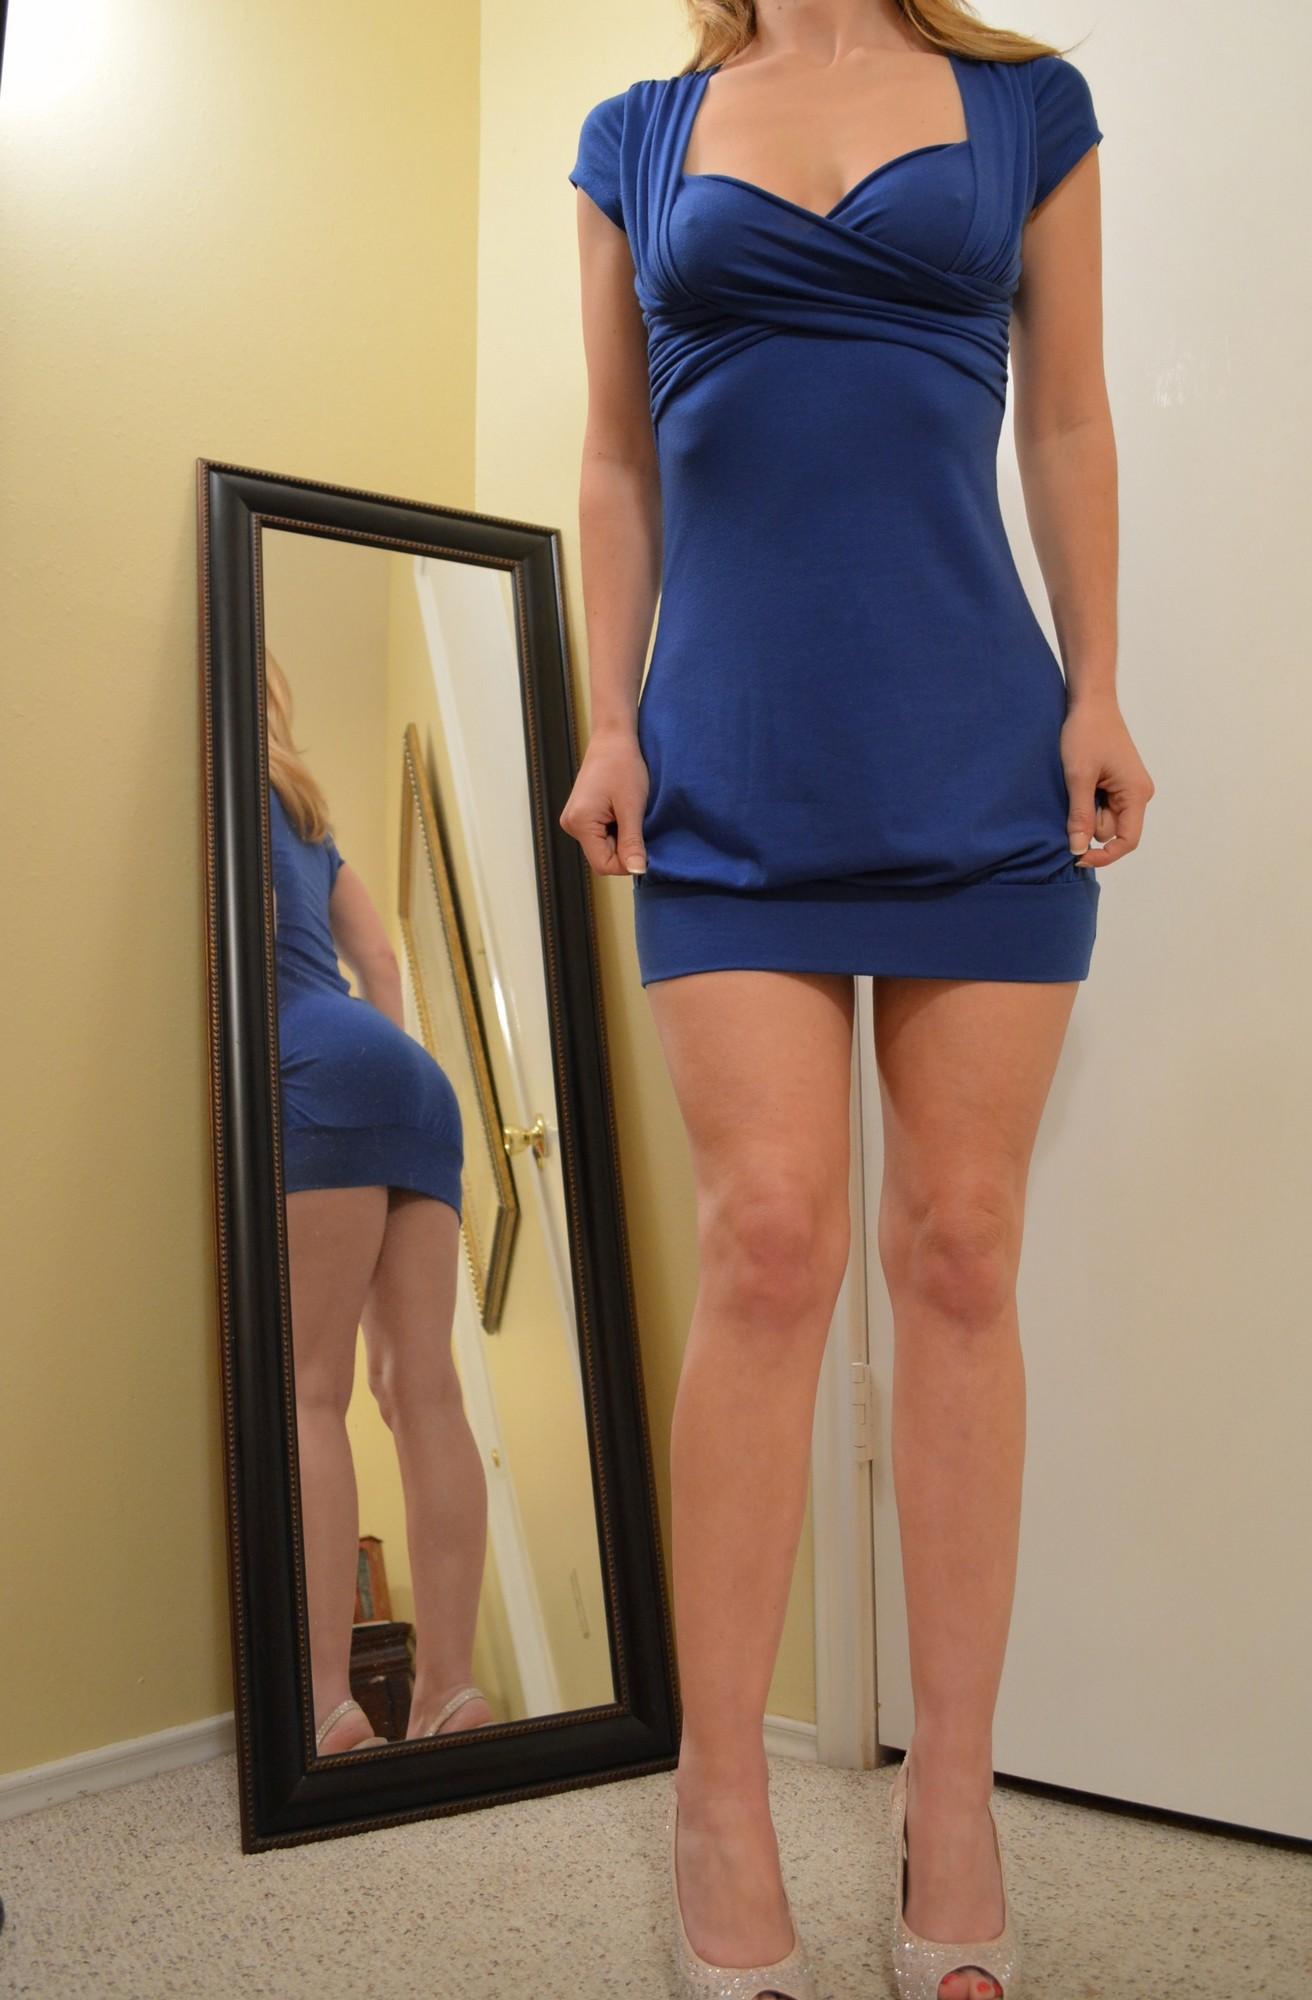 Перед тем как мастурбировать на полу красотка снимает синее платье